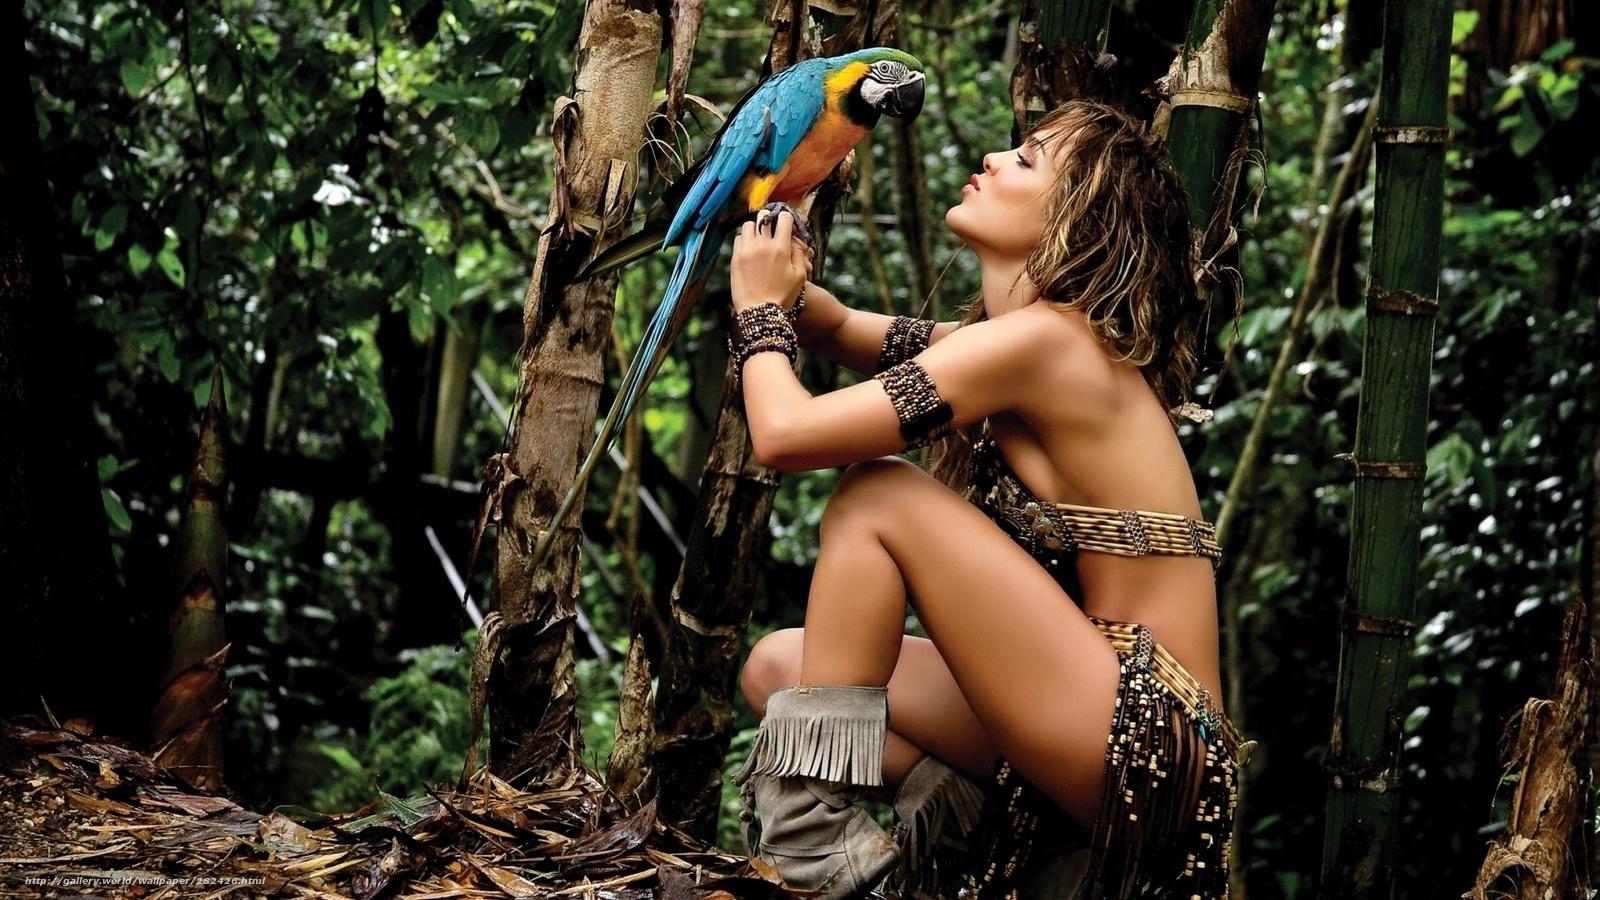 Смотреть онлайн невероятно красивая попка 23 фотография